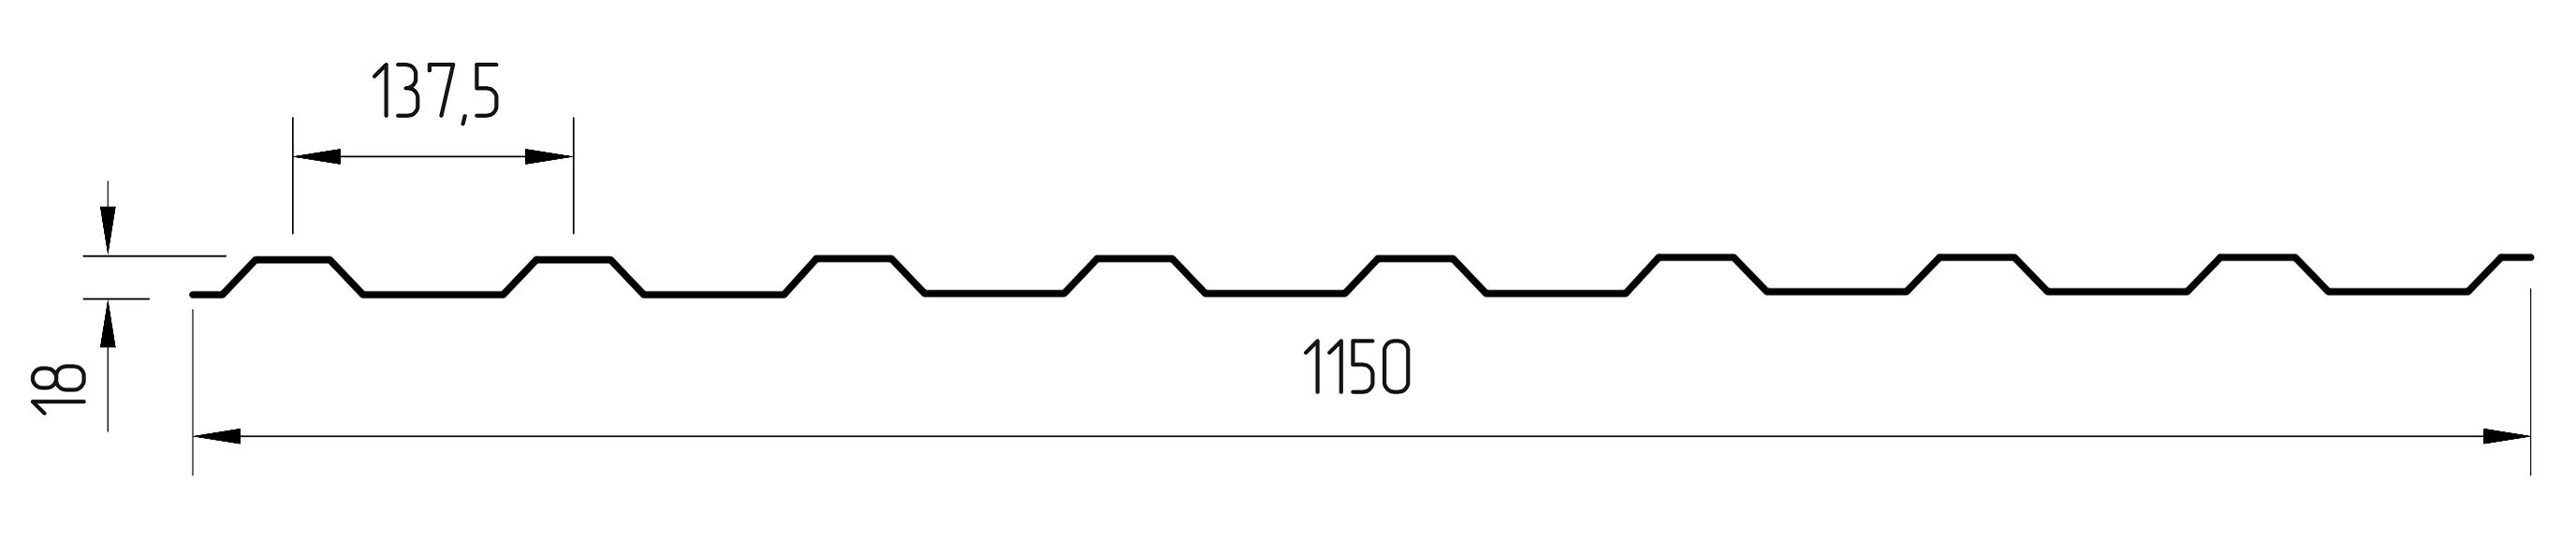 Форма монолитной трапеции профилированного поликарбоната МП-20 (У)